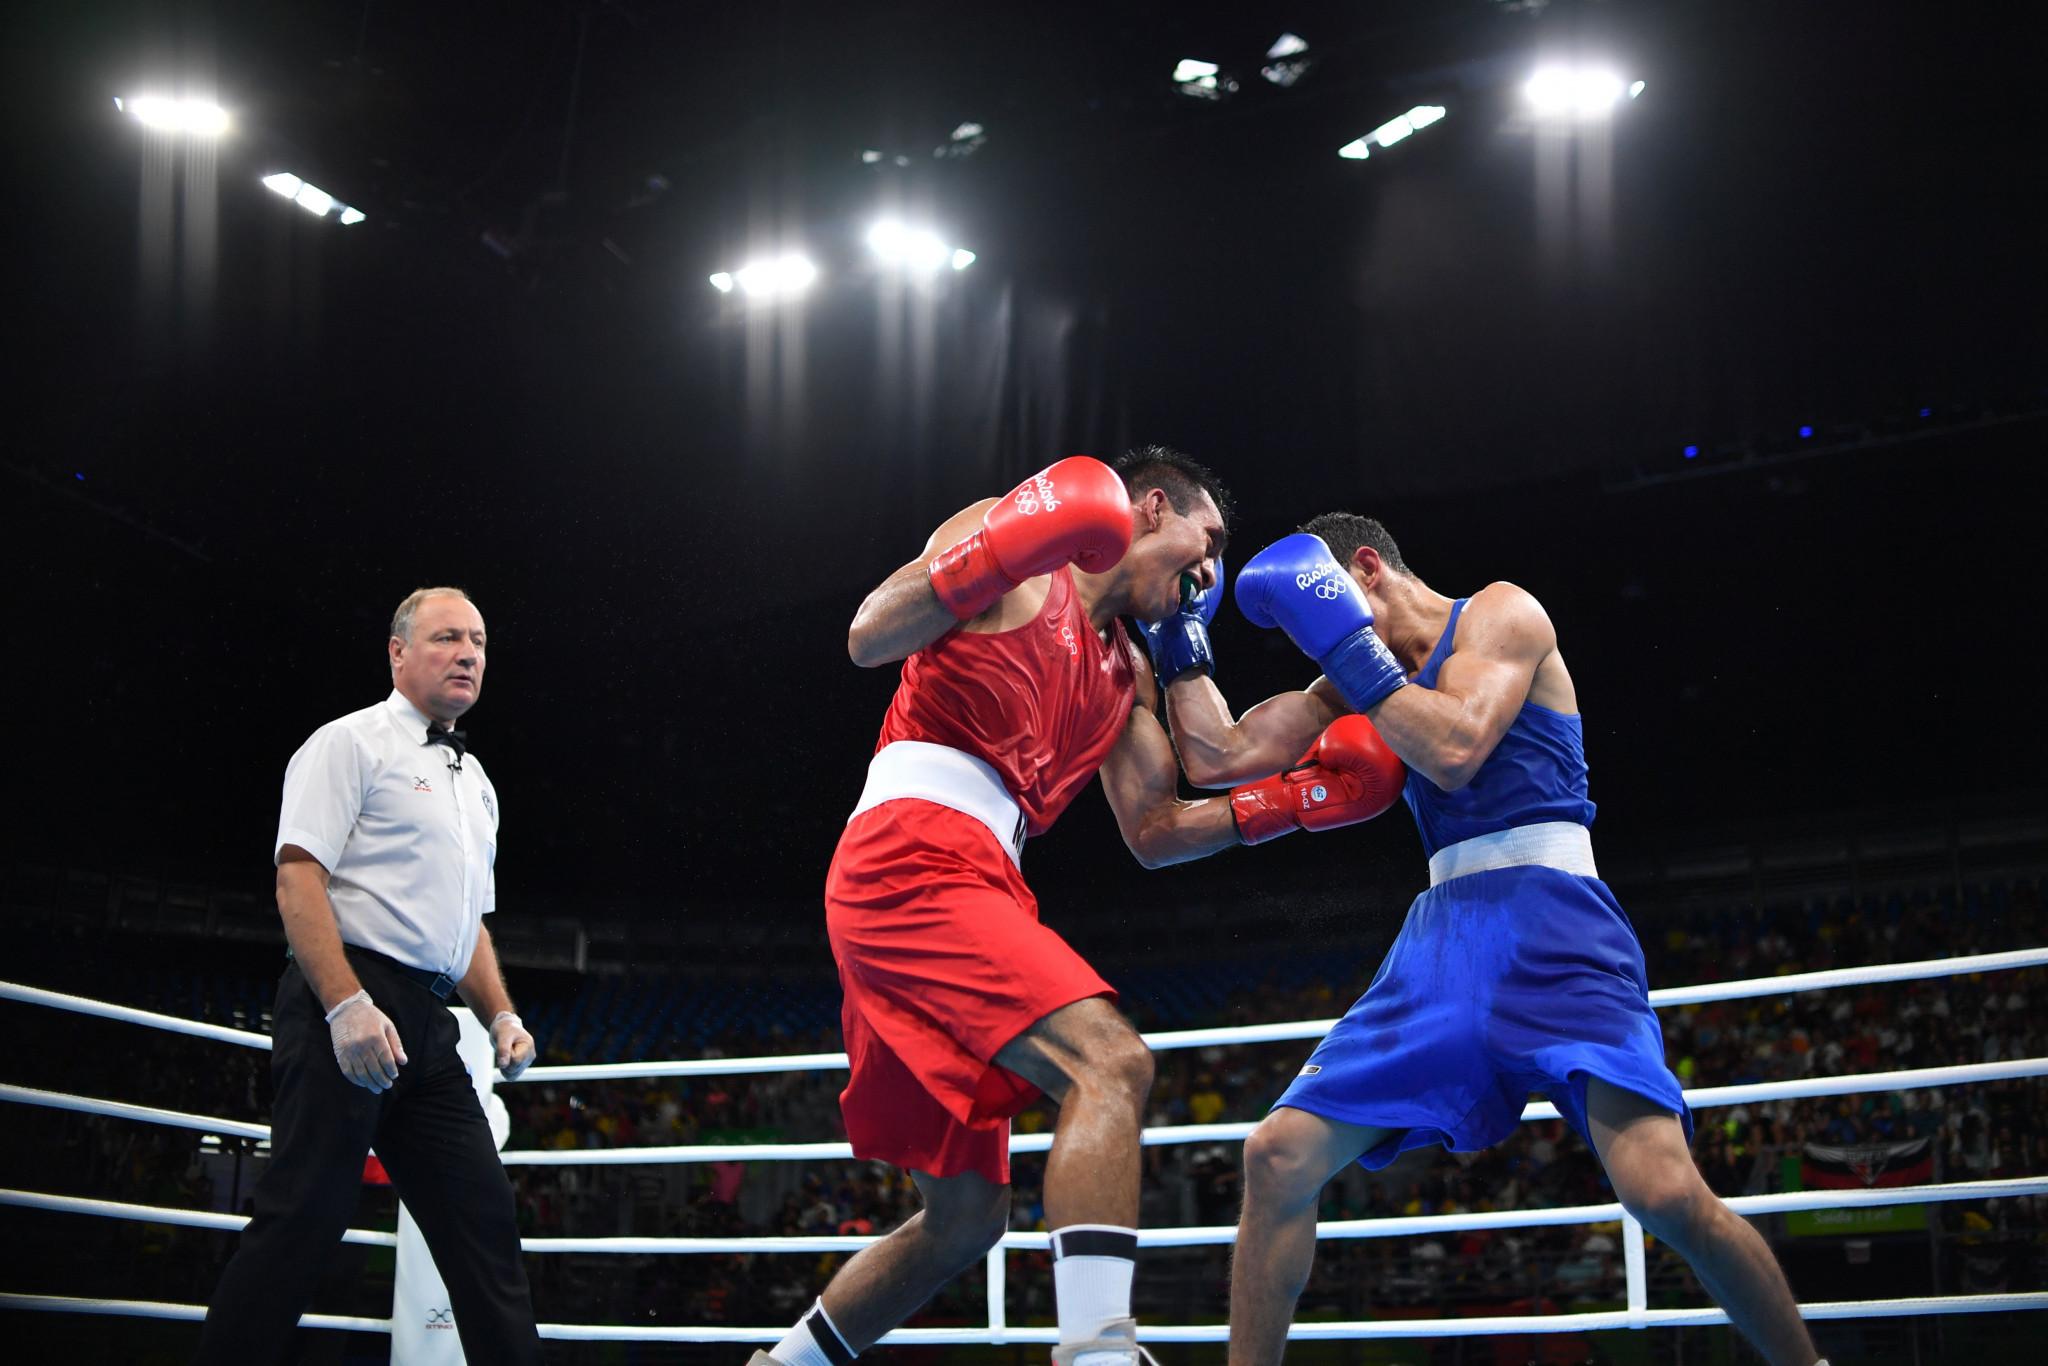 Clasificatorio olímpico de boxeo de las Américas cancelado debido a la crisis del COVID-19